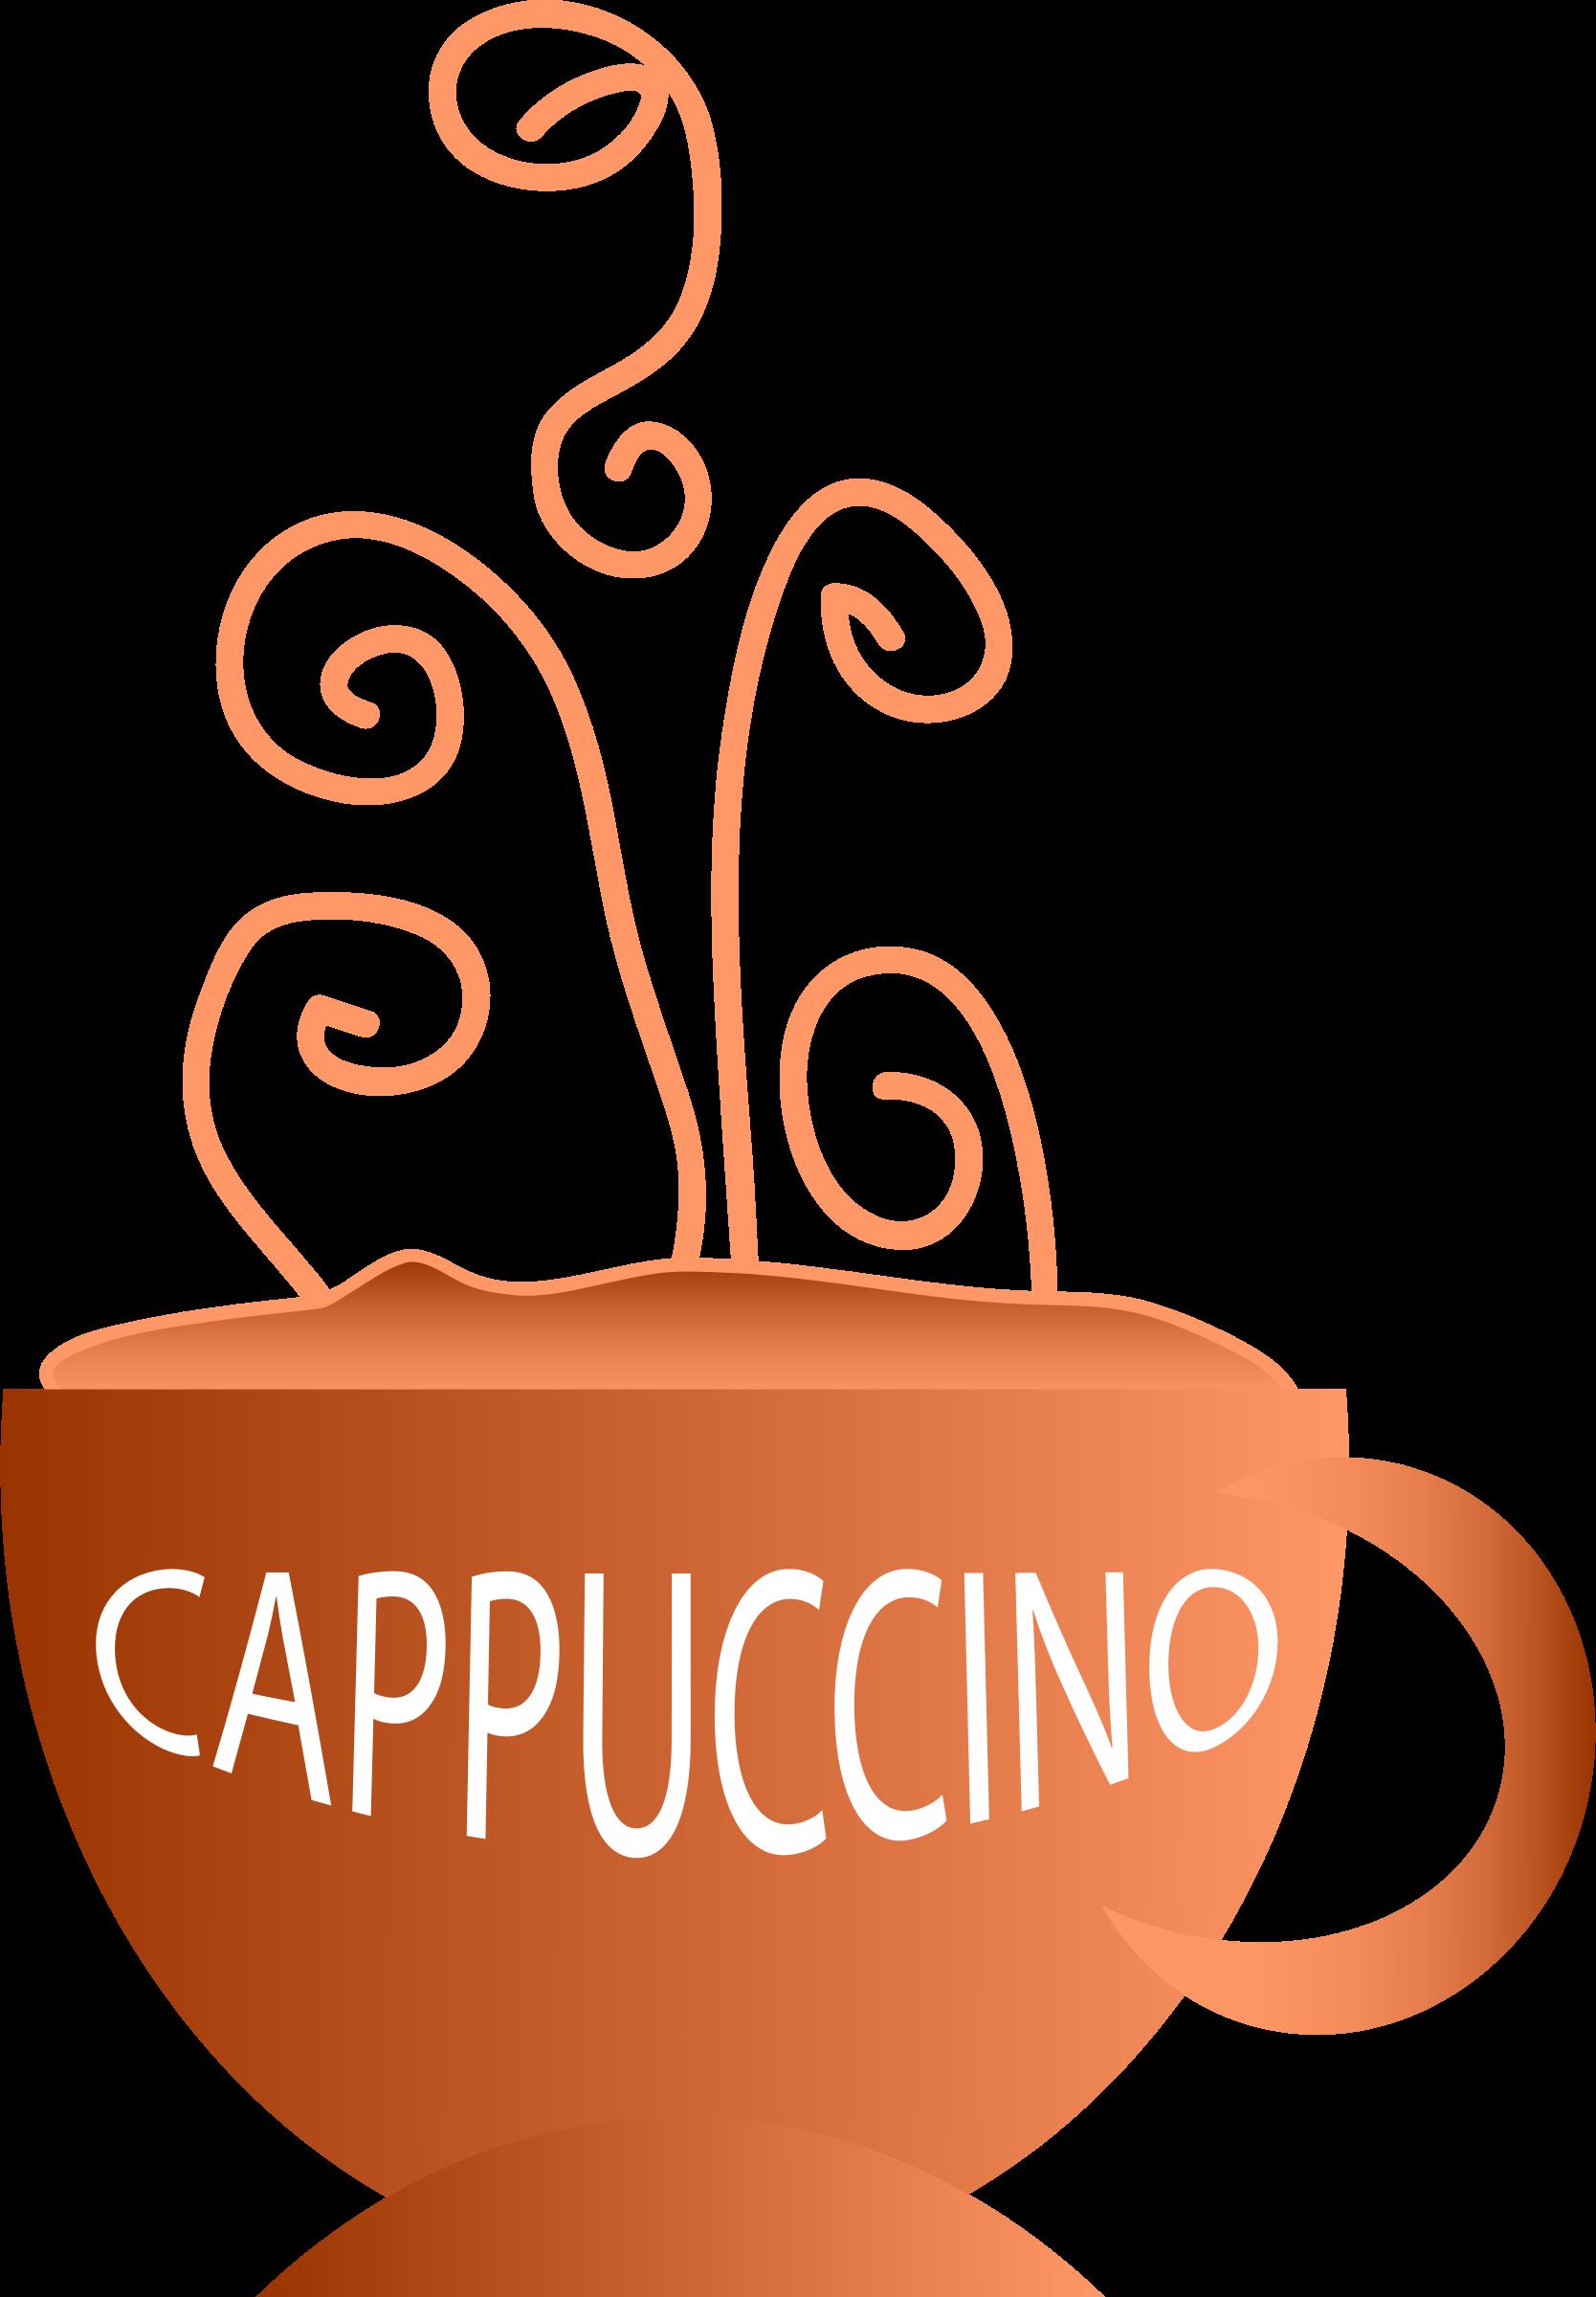 Cappuccino clipart latte Cappuccino Clipart cappuccino